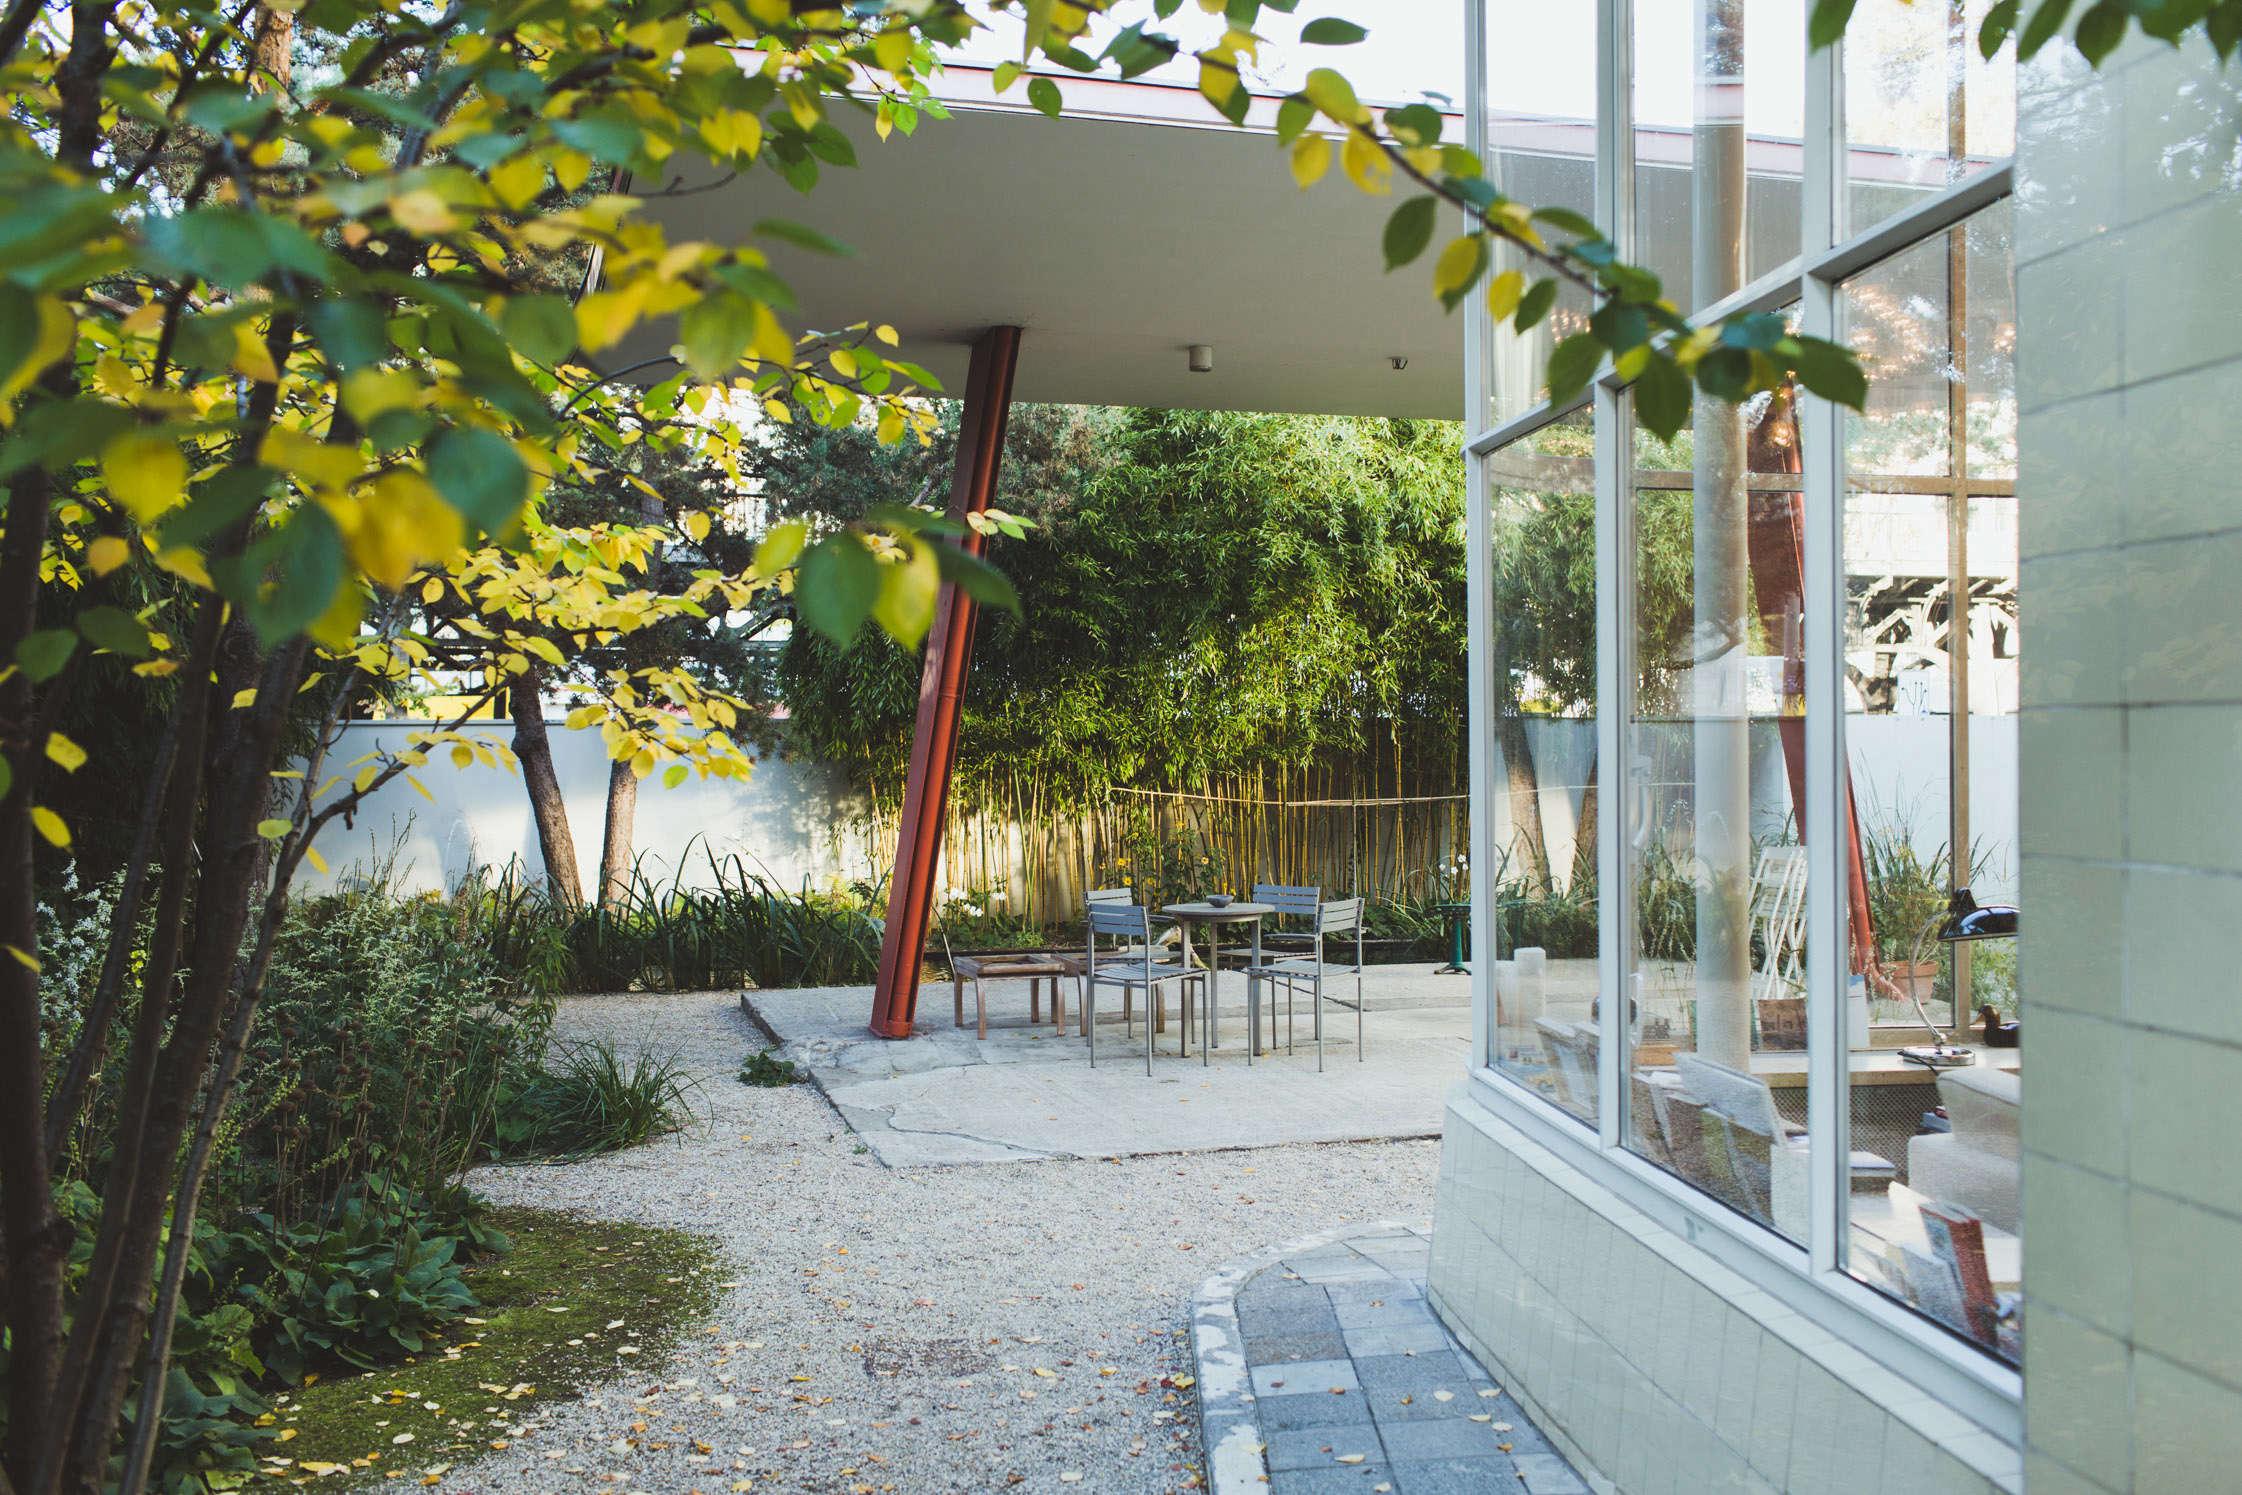 gas-station-garden-patio-2-Freunde-von-Freunden-Juerg-Judin-gardenista